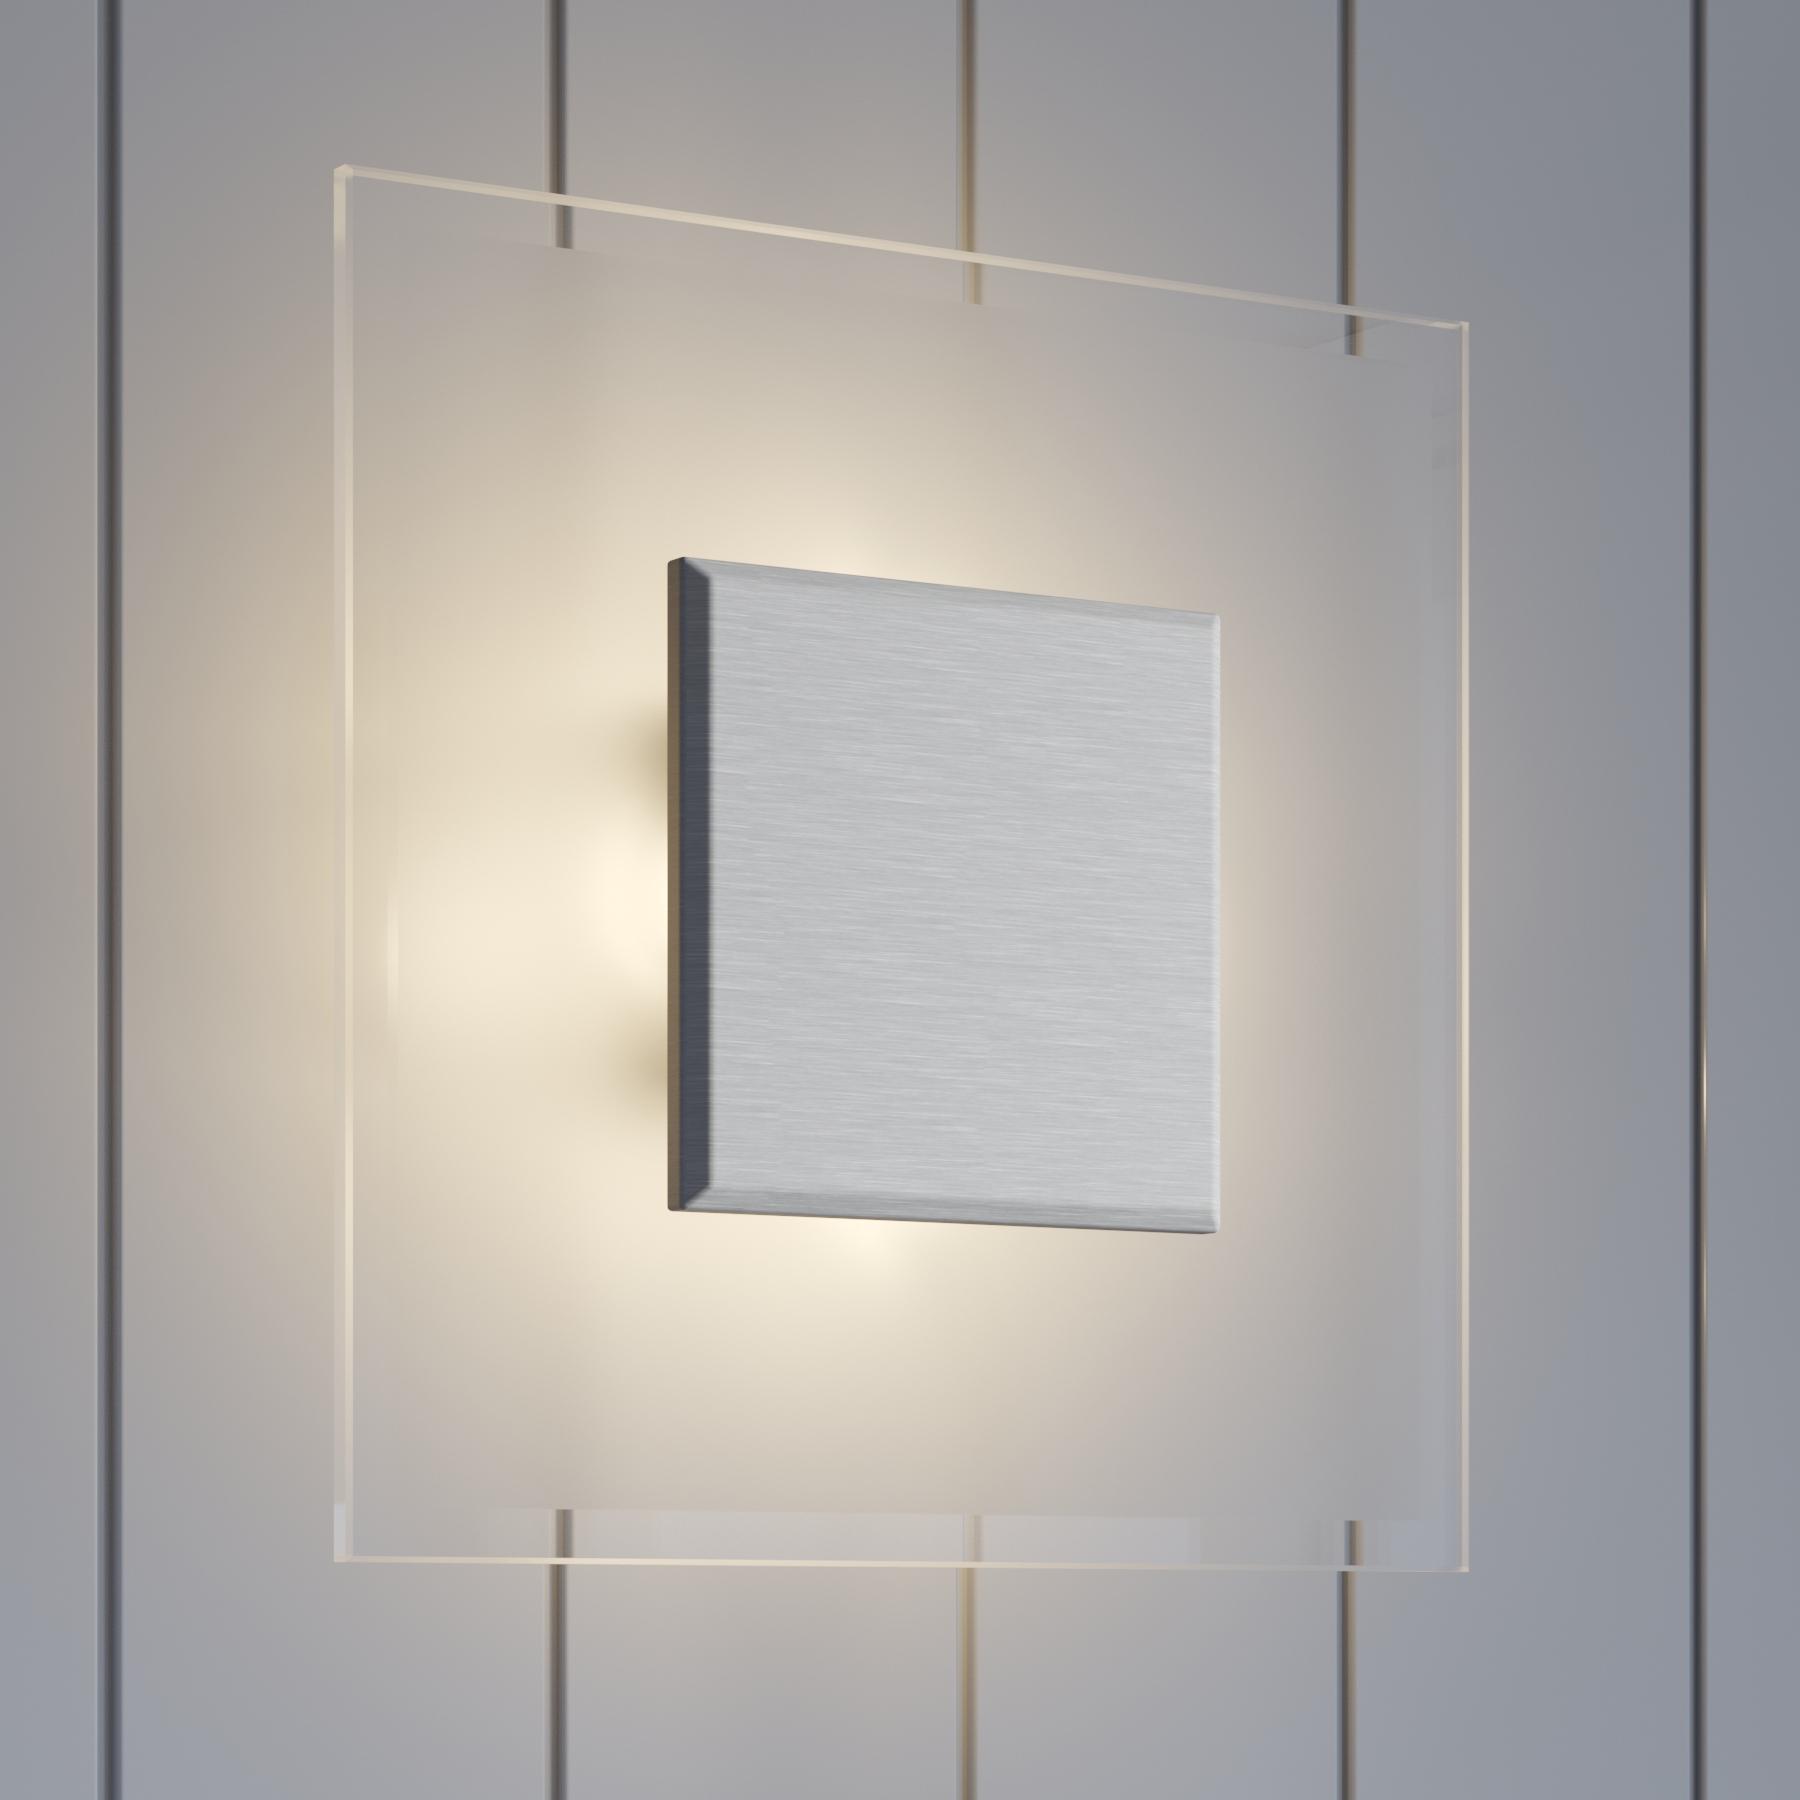 Kwadratowa lampa sufitowa LED LOLE ze szkła